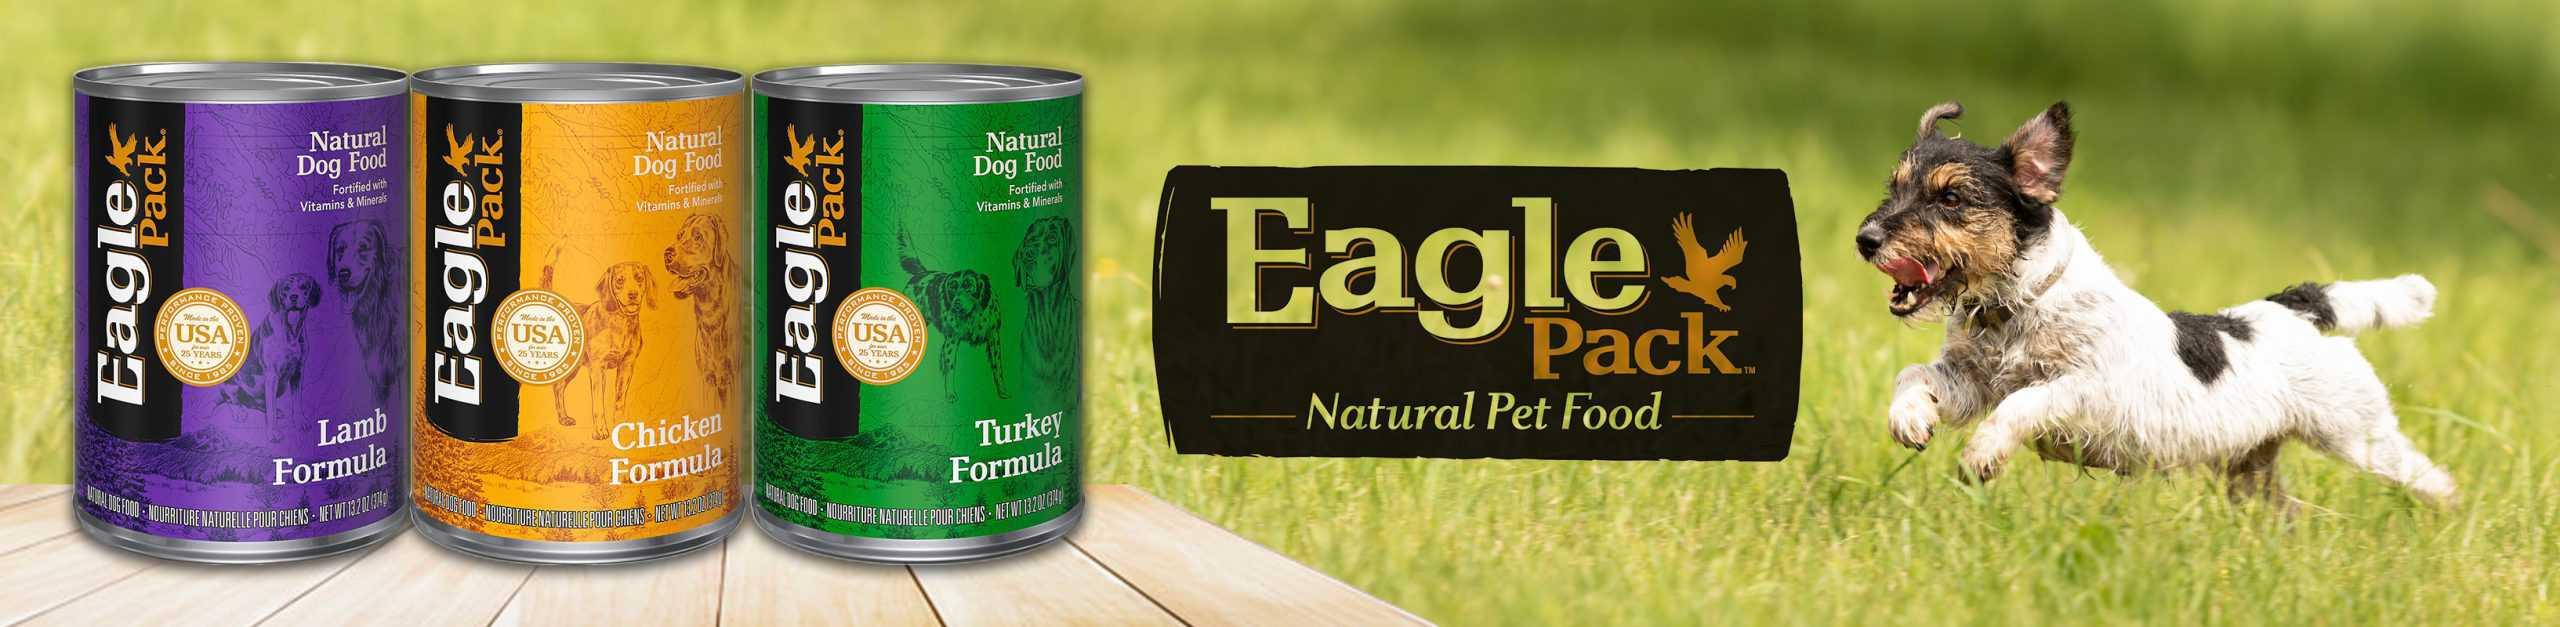 Eagle Pack Wet